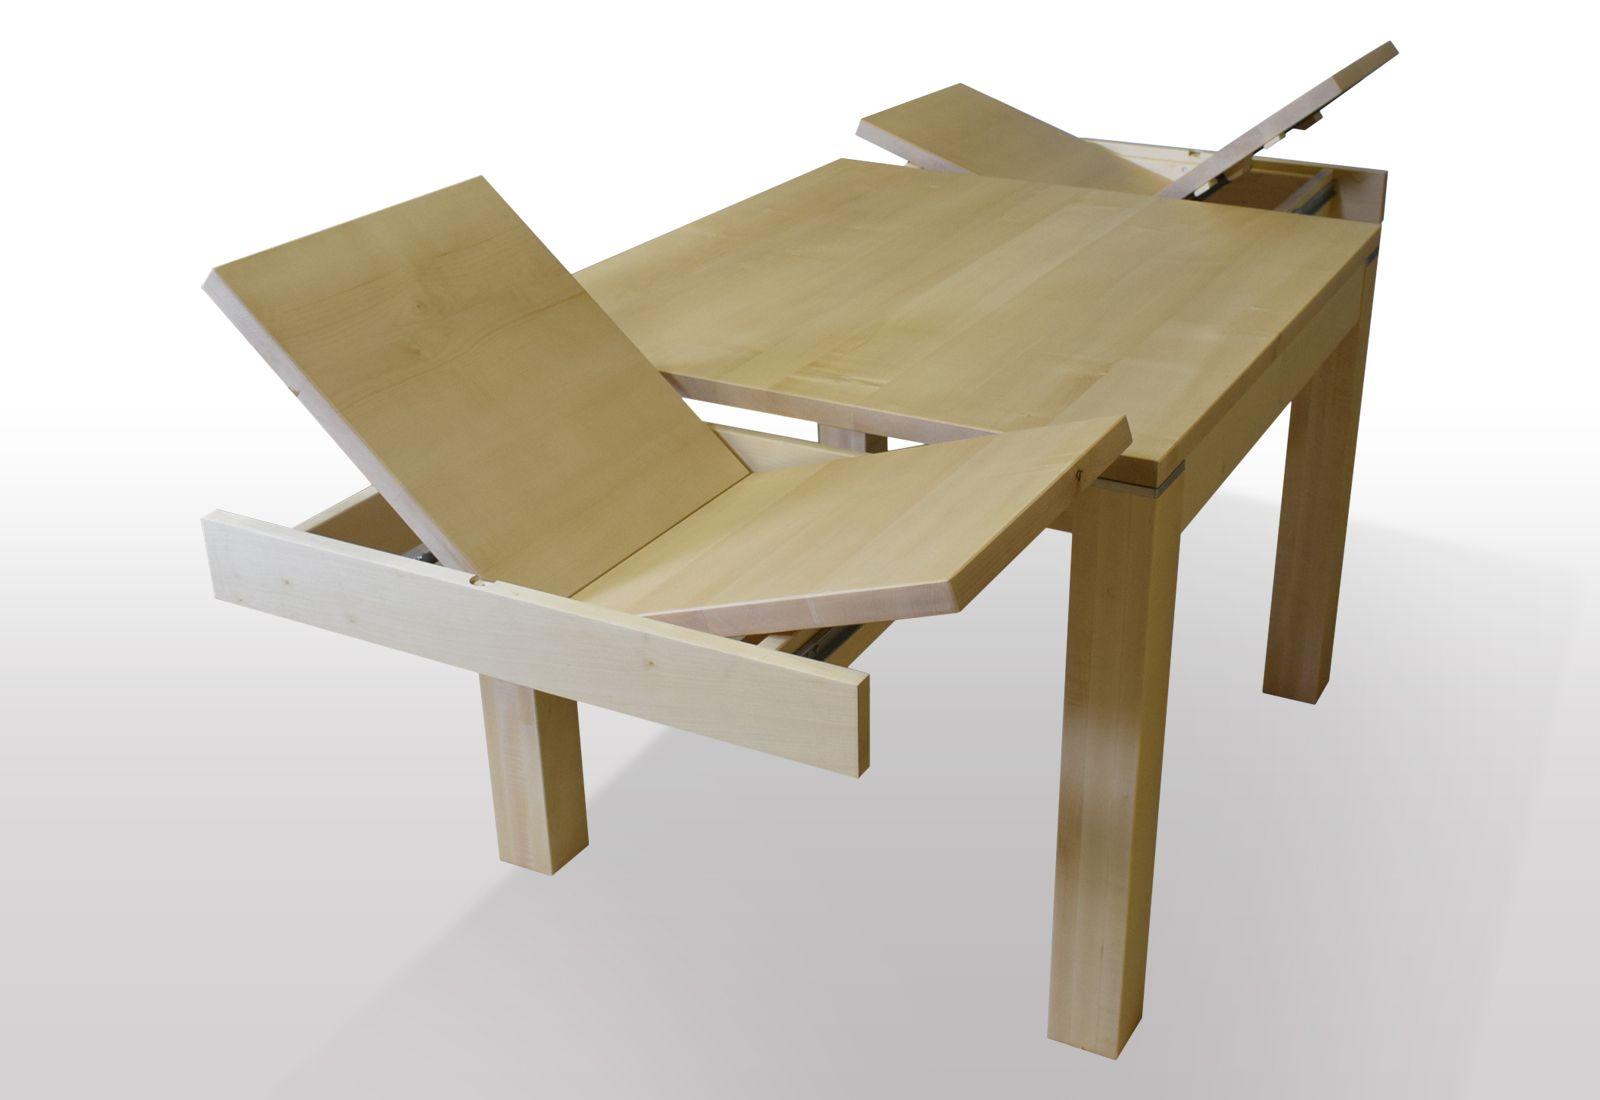 esstisch ahorn ausziehbar hier 2 mal kopfauszug mit integrierter butterfly technik esstische. Black Bedroom Furniture Sets. Home Design Ideas